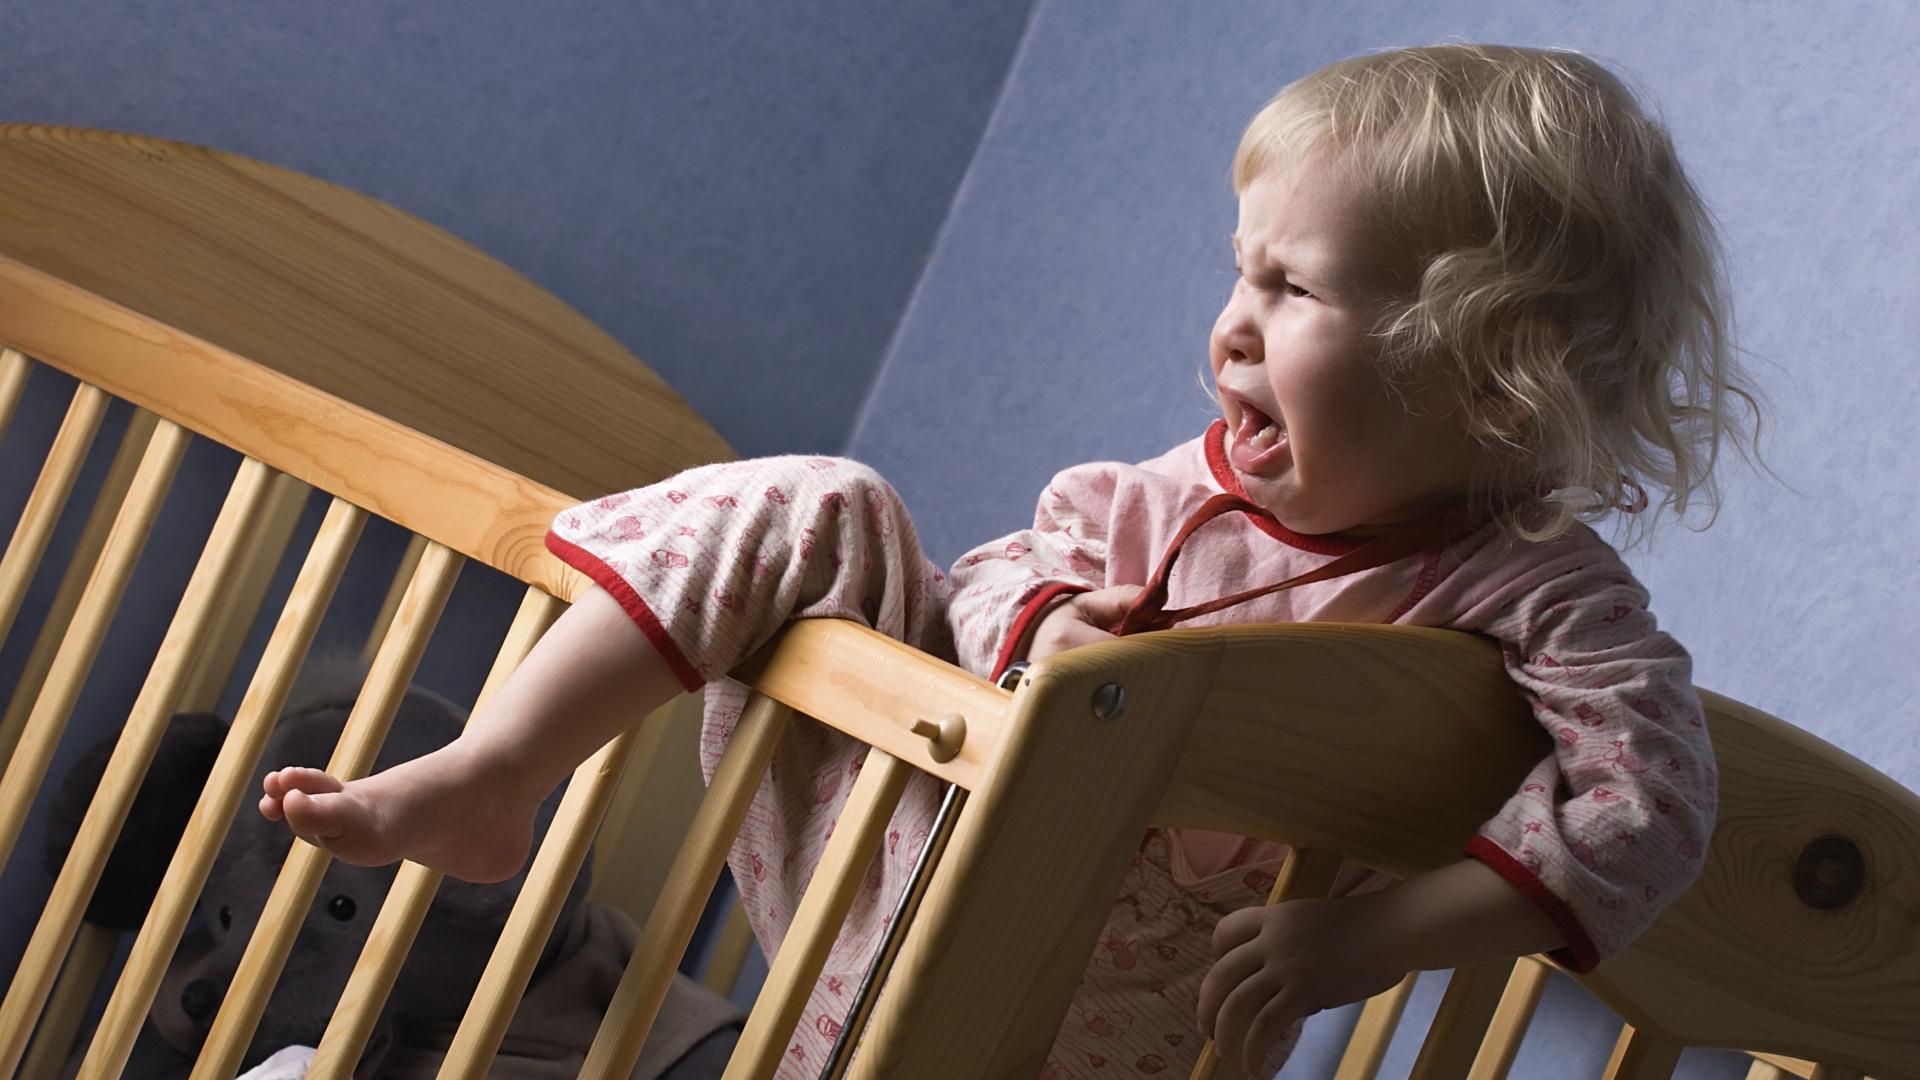 Беспокойный сон малышей – проблема, с которой сталкиваются многие